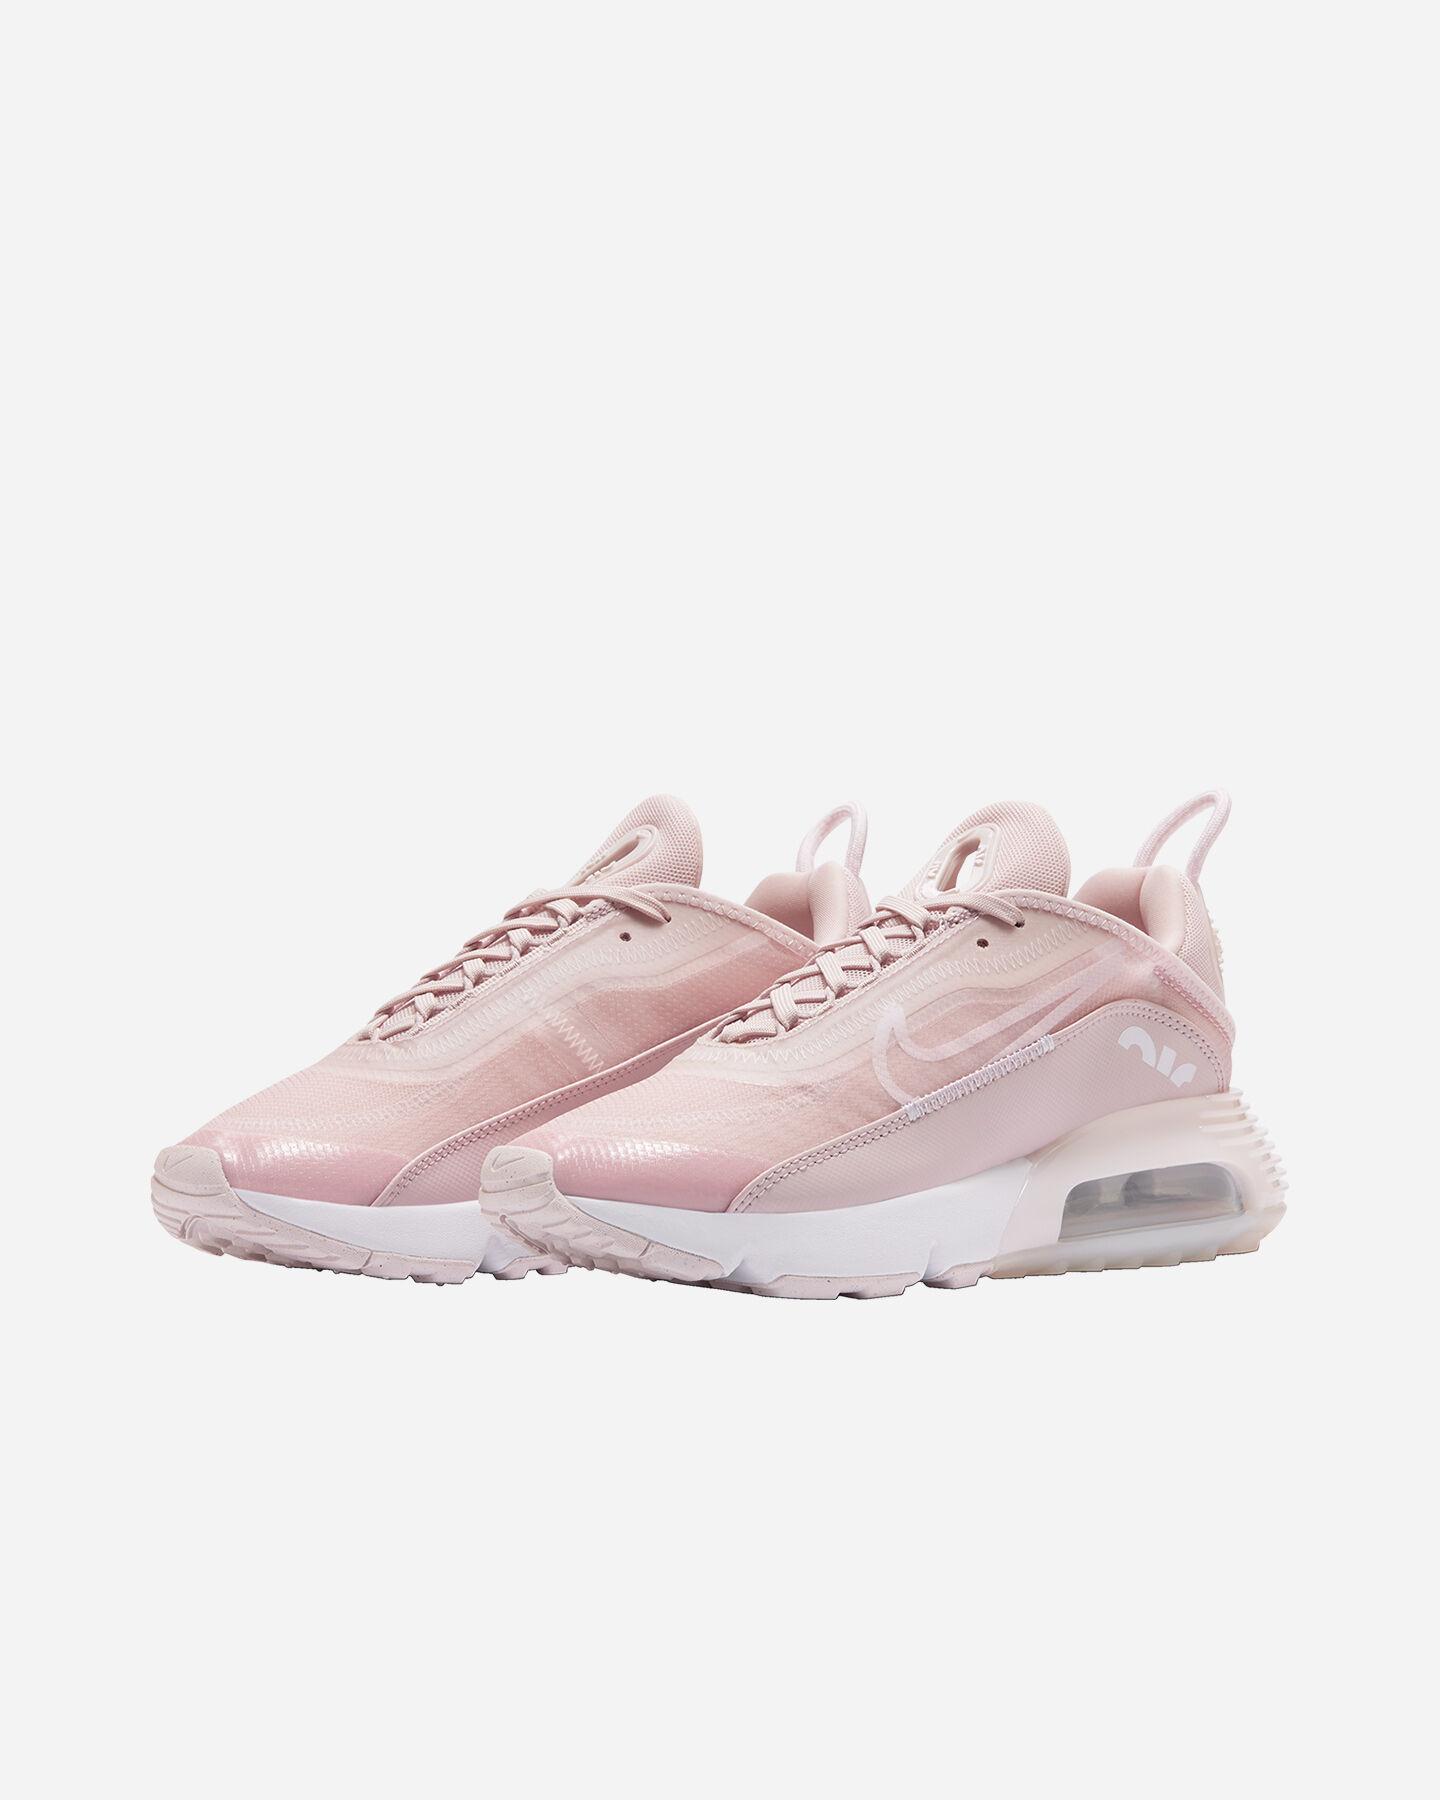 Scarpe sneakers NIKE AIR MAX 2090 W S5223605 scatto 1